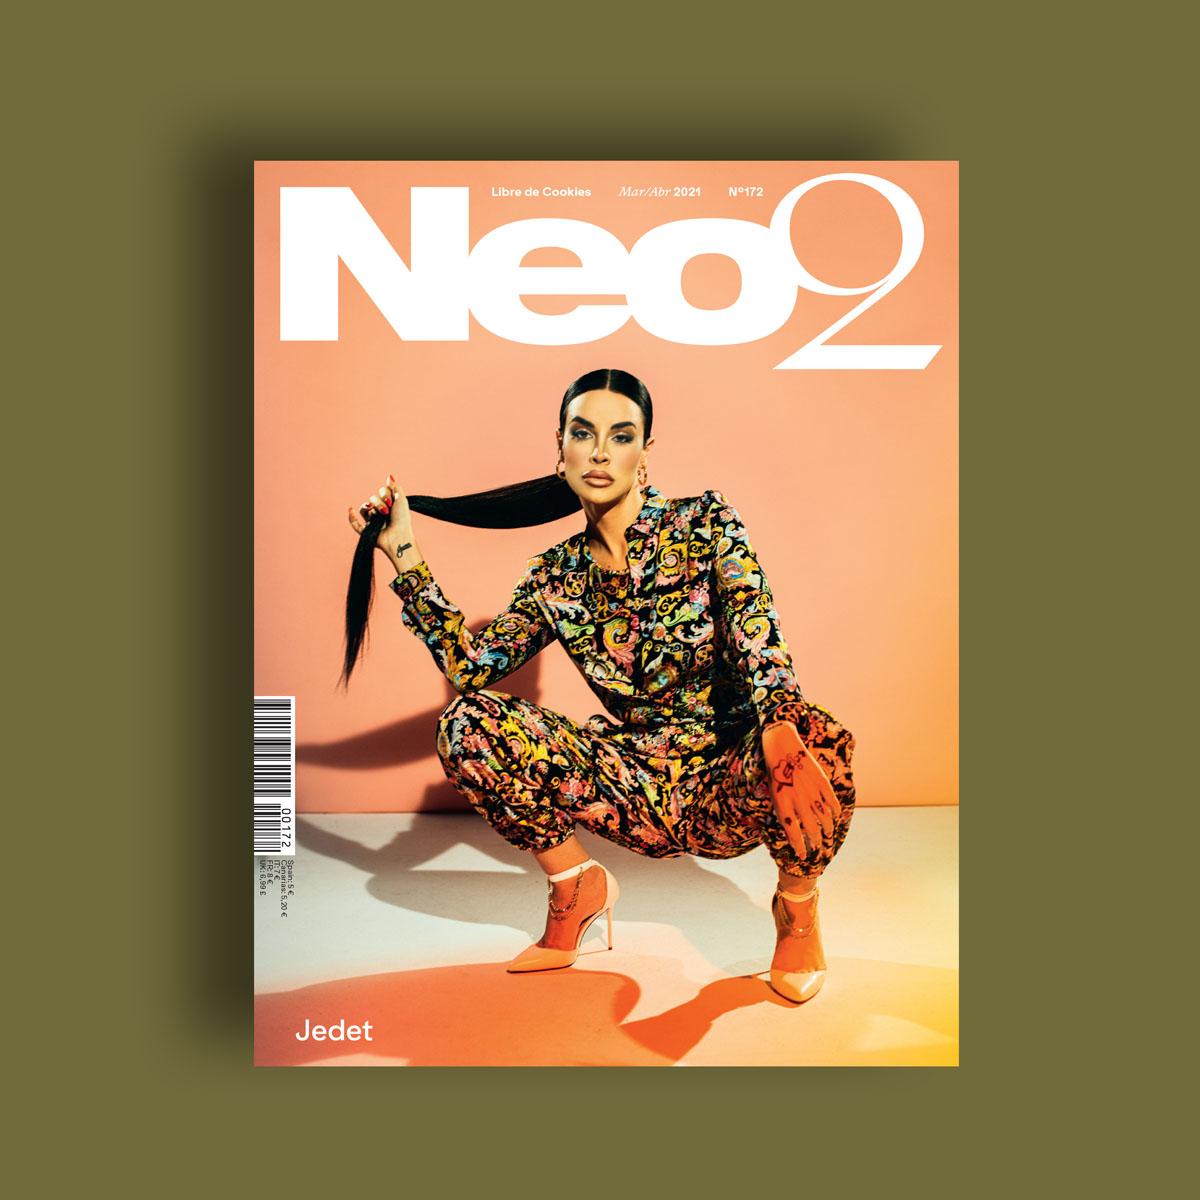 Neo2 Magazine portada de Jedet